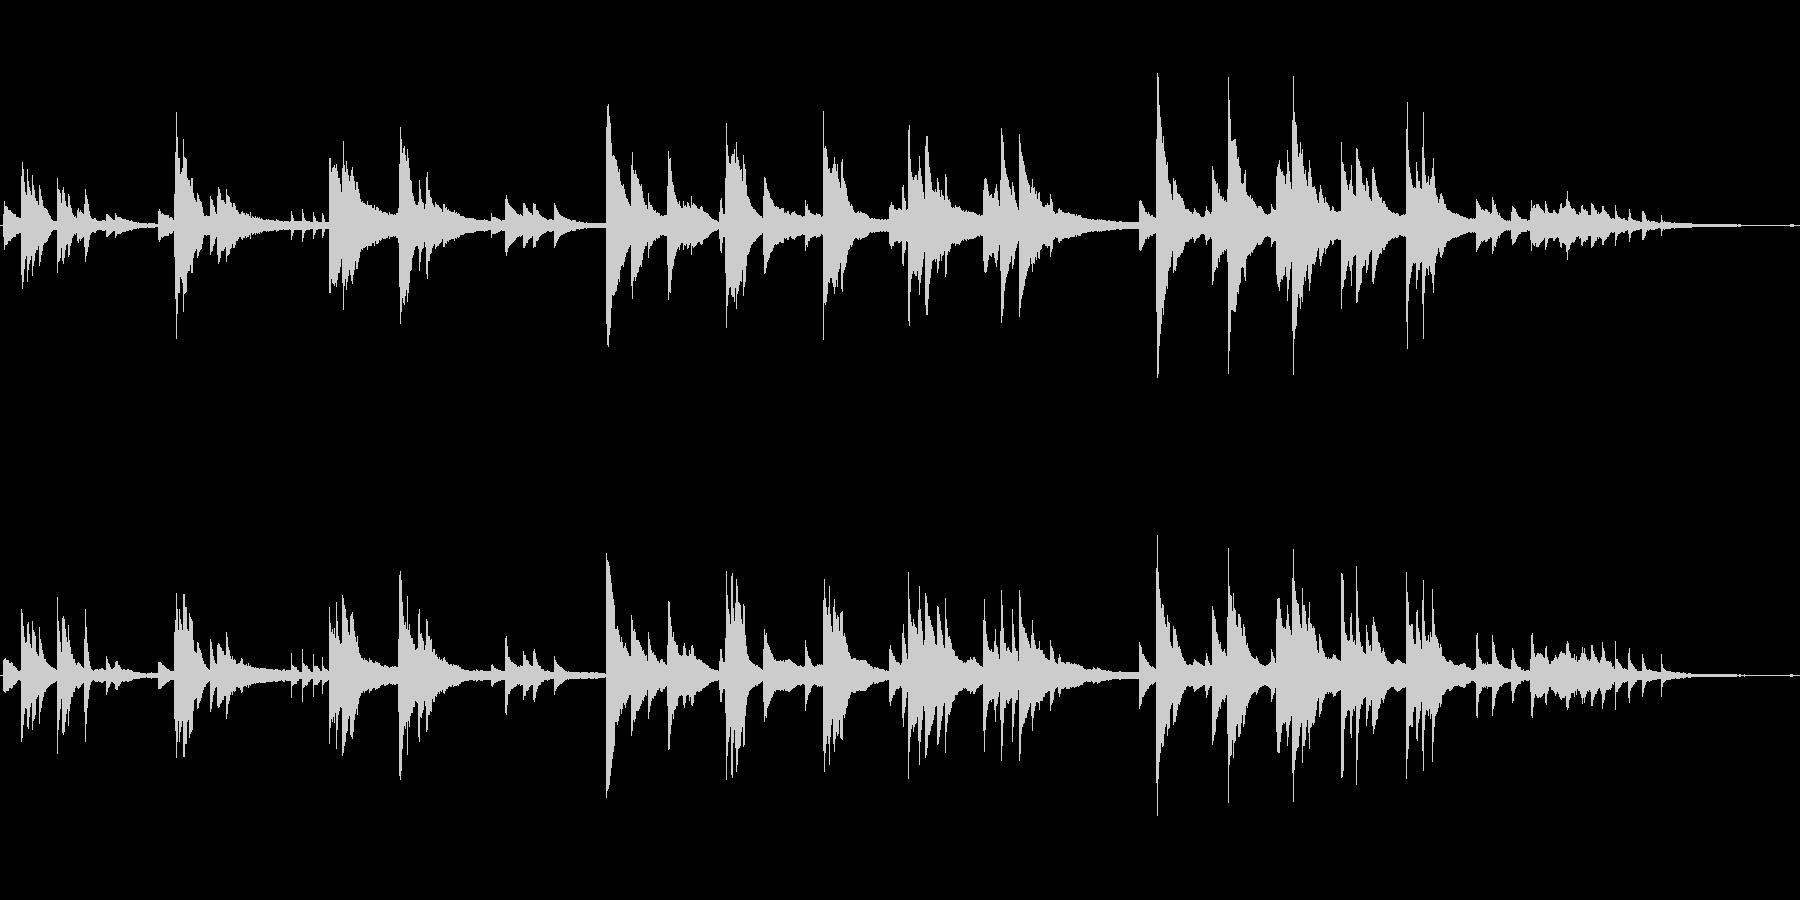 綺麗で優しい切ない映像に ■ ピアノソロの未再生の波形